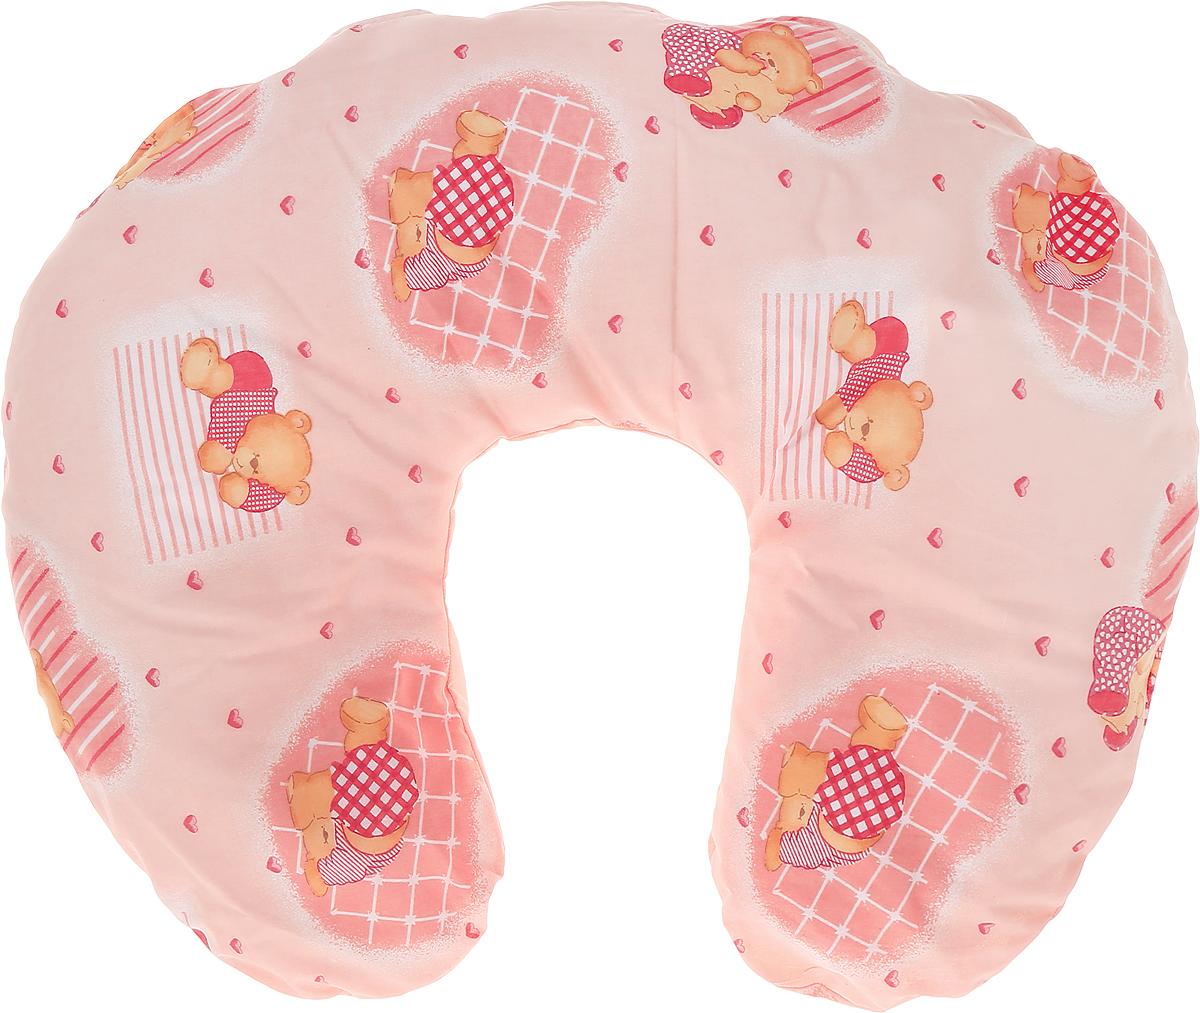 Selby Подушка универсальная Мишки цвет розовыйU90х150 пено лавандУниверсальная подушка Selby Мишки очень комфортна во время кормления.Когда мама дает малышу грудь, важно не самой тянуться к нему, а поднимать малыша до уровня груди, тогда прикладывание будет правильным.Подушка может использоваться при кормлении ребенка из бутылочки, с ложки или других приспособлений.Подушка может поддерживать ребенка, когда он лежит на животике, что очень полезно для развития мускулатуры спины и рук.Подушка также подходит людям, которым необходим постельный режим по медицинским показаниям.Чехол подушки выполнен из 100% хлопка и снабжен застежкой-молнией, что позволяет без труда снять и постирать его.Уход: машинная стирка (60°C) и деликатный отжим.